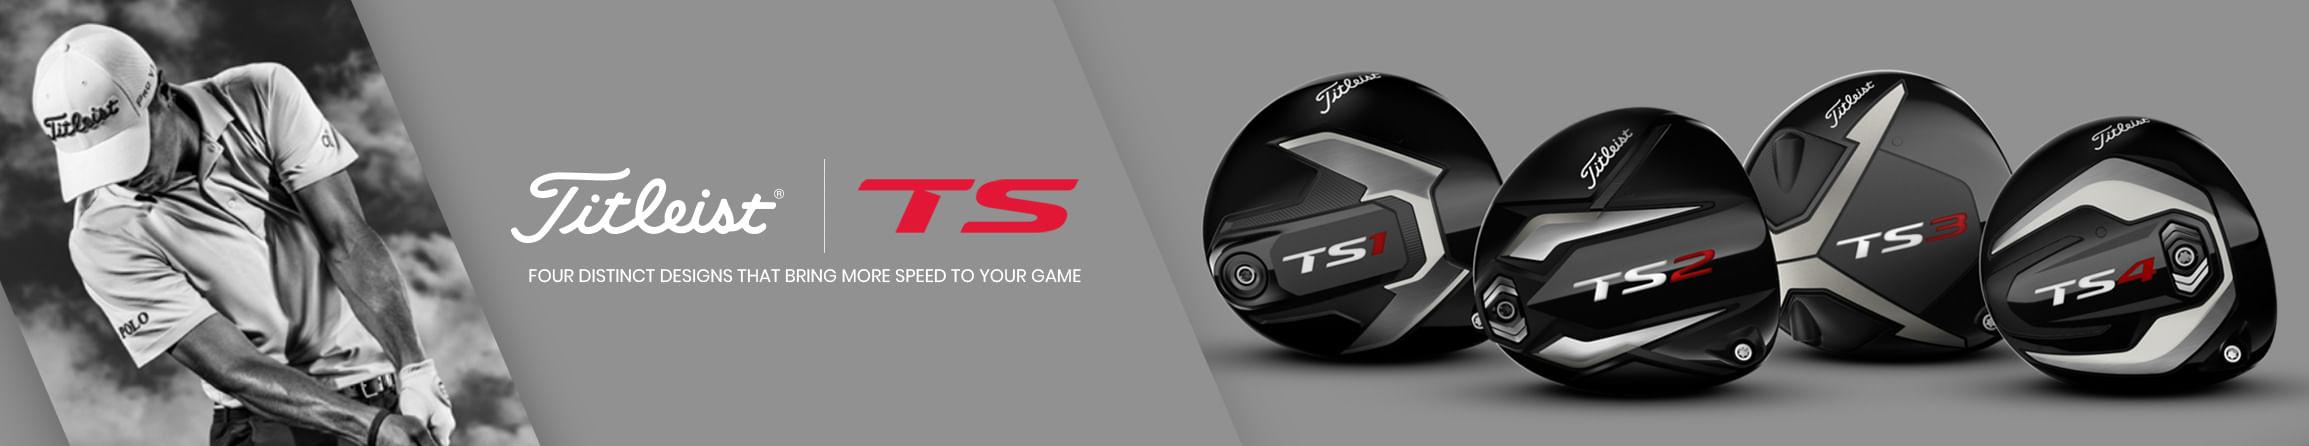 New Titleist Golf Clubs - Titleist TS Series